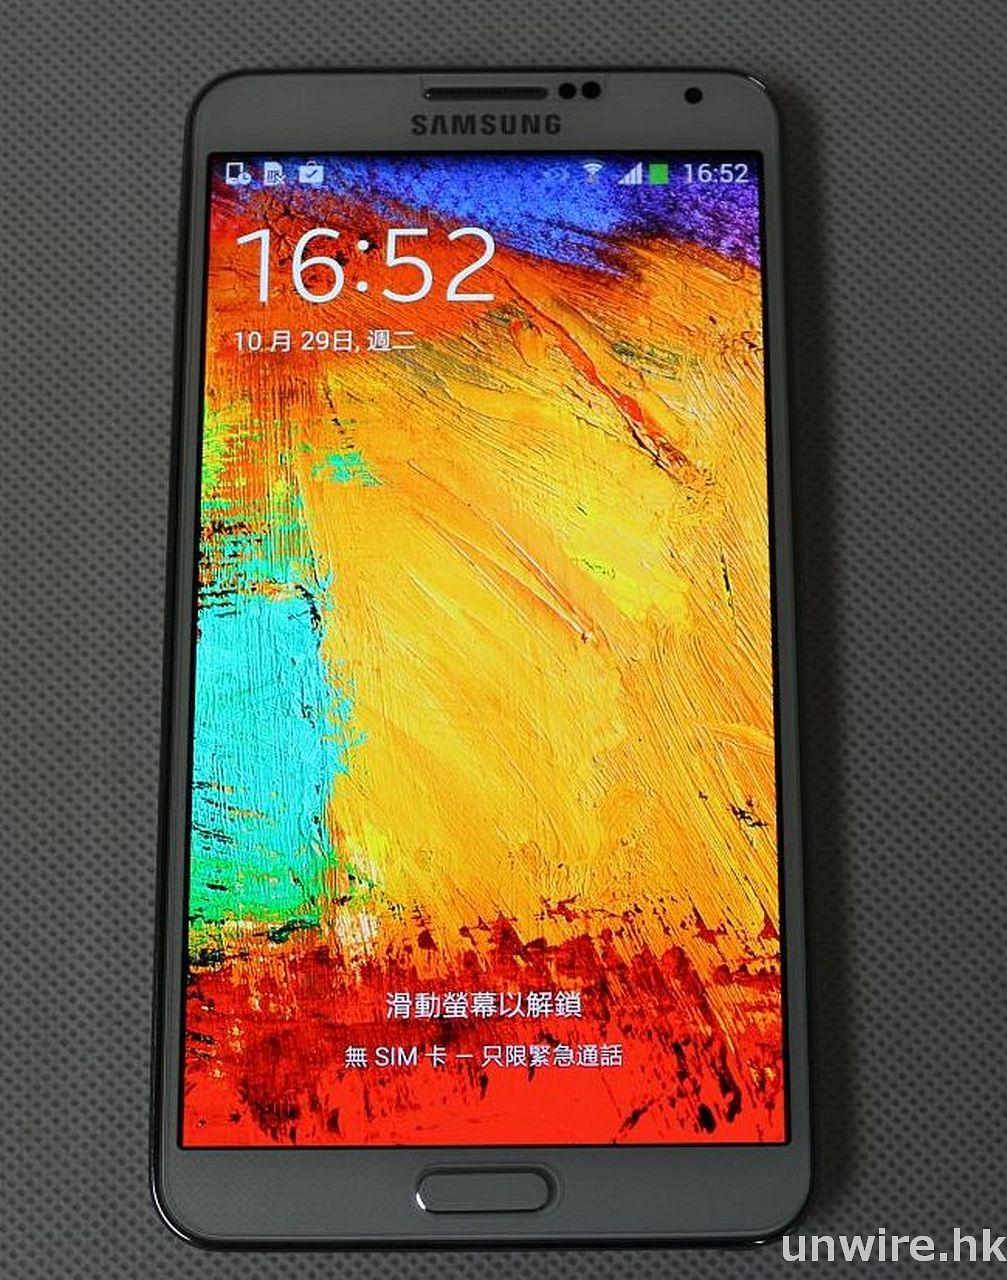 【新品速試】超薄 0.33mm!USG ITG PRO for Samsung GALAXY Note 3 玻璃保護貼